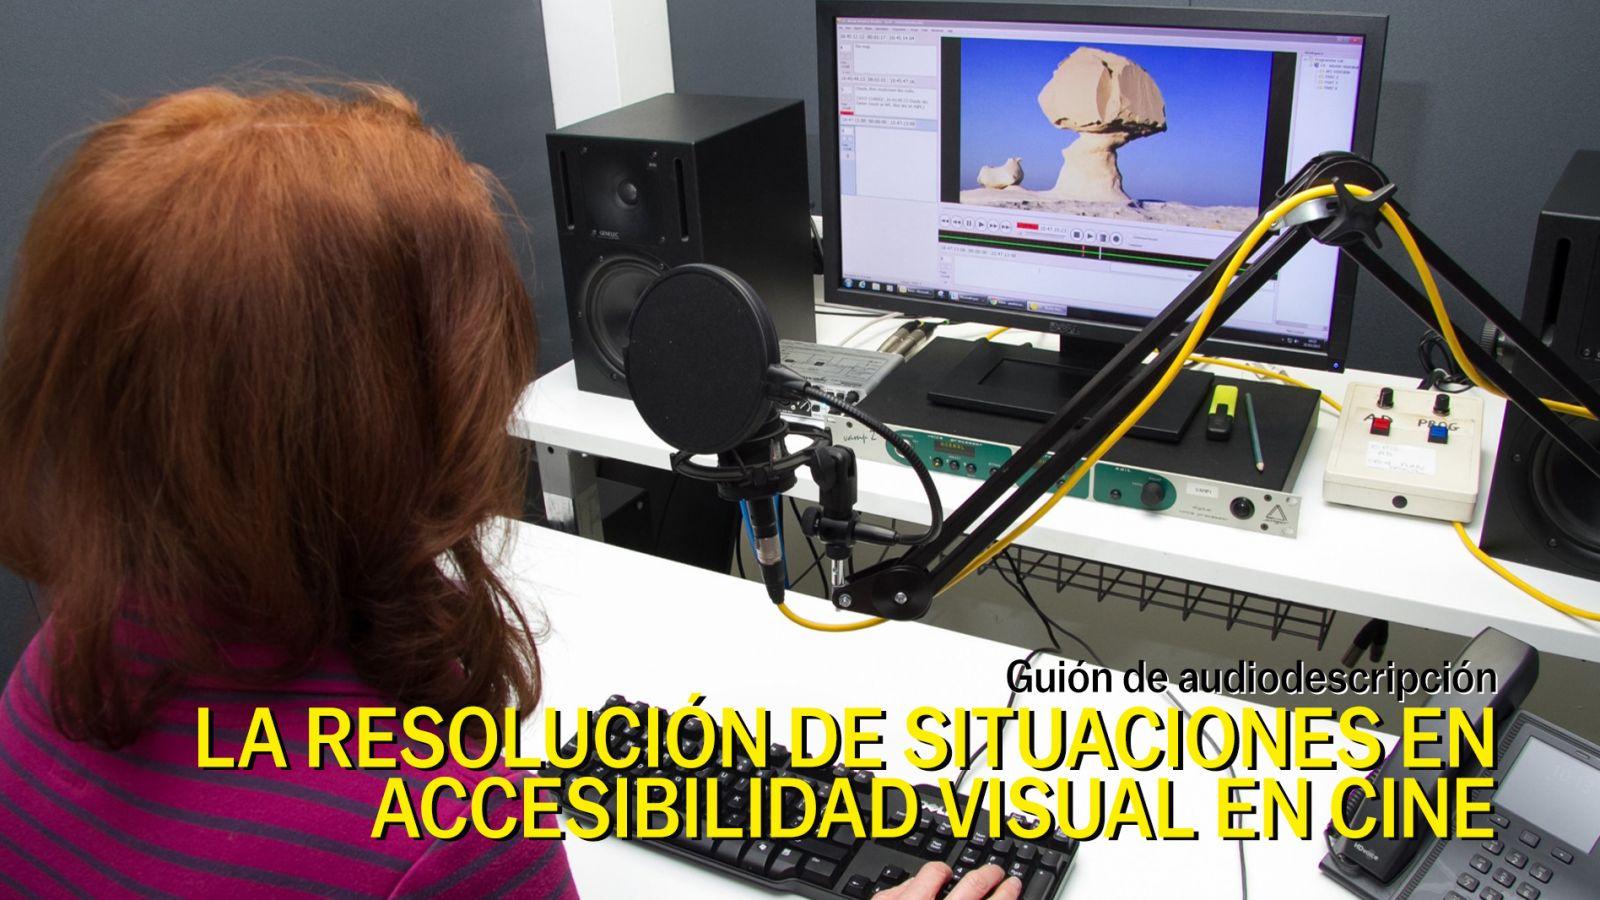 Taller Guión de audiodescripción. La resolución de situaciones en accesibilidad visual en cine